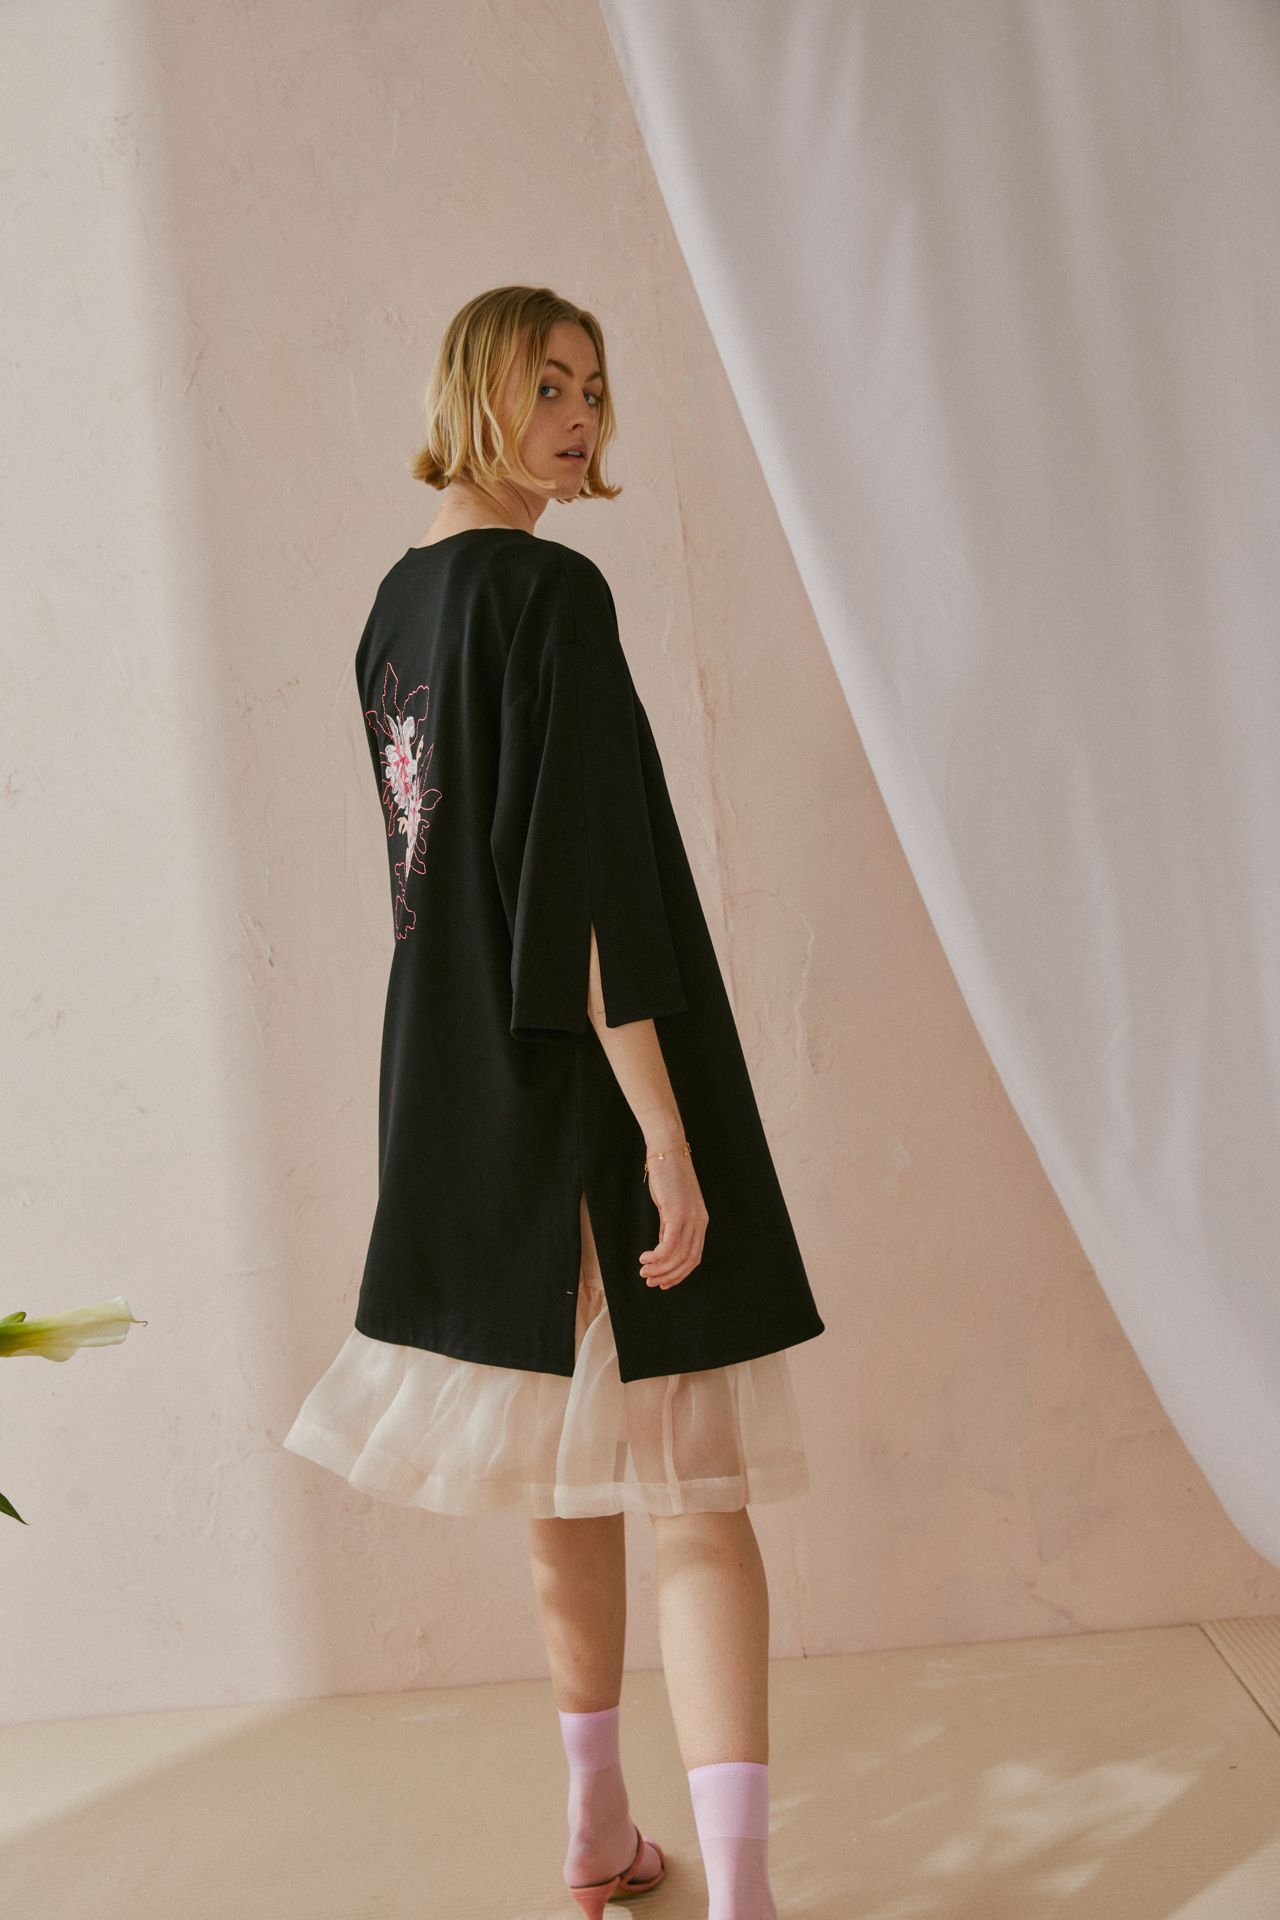 Une femme montre son dos mais tourne la tête vers la caméra. Elle porte un vêtement noir de type kimono avec une broderie de fleurs dans le dos. En dessous, elle porte une robe en organza beige avec des chaussettes et des sandales roses.